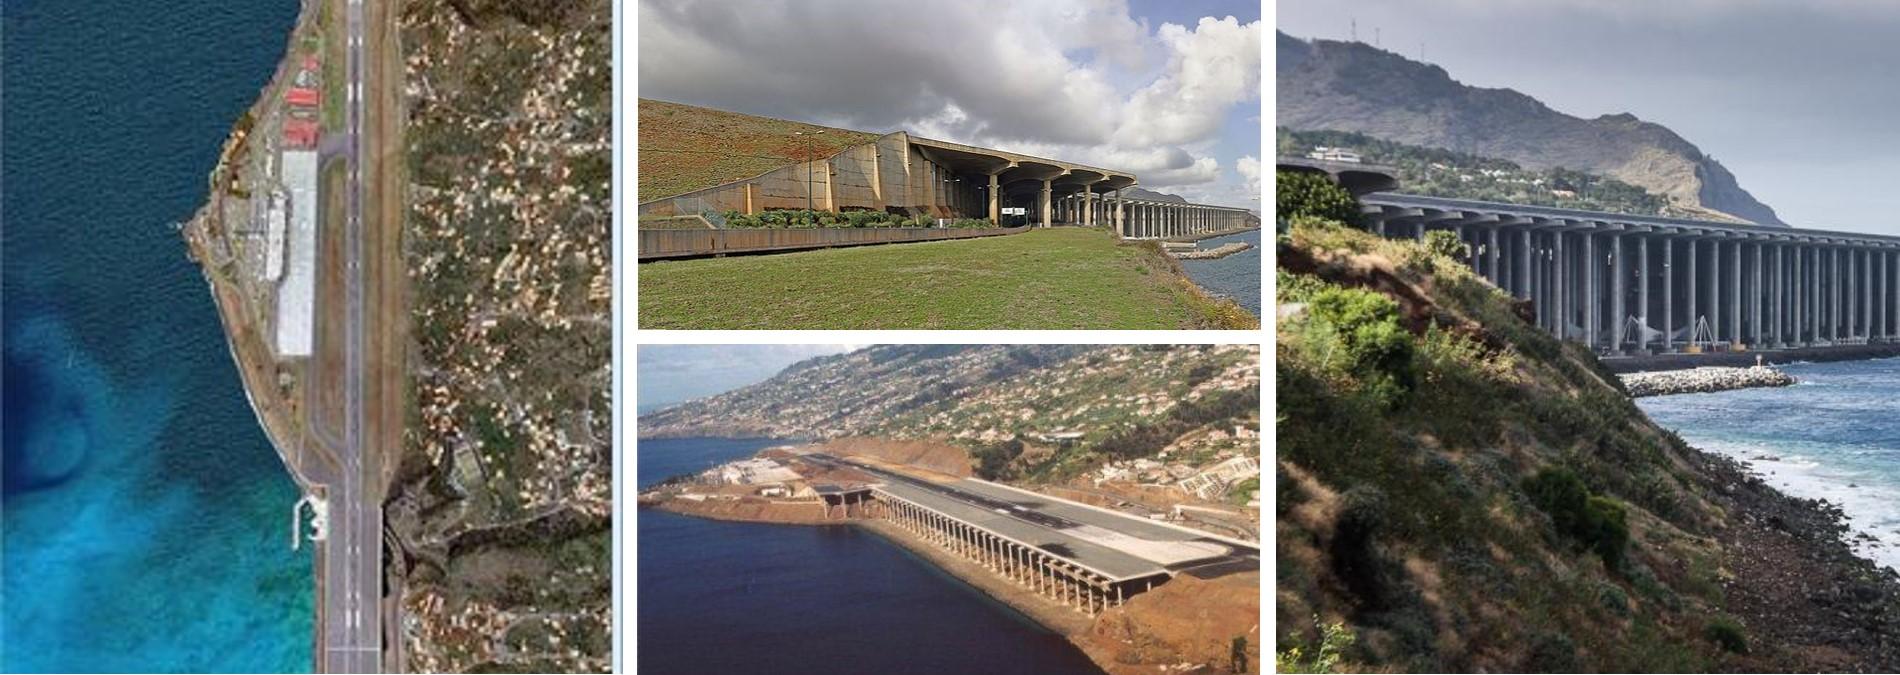 Auszeichnung für herausragende Struktur des Flughafens Madeira FNC